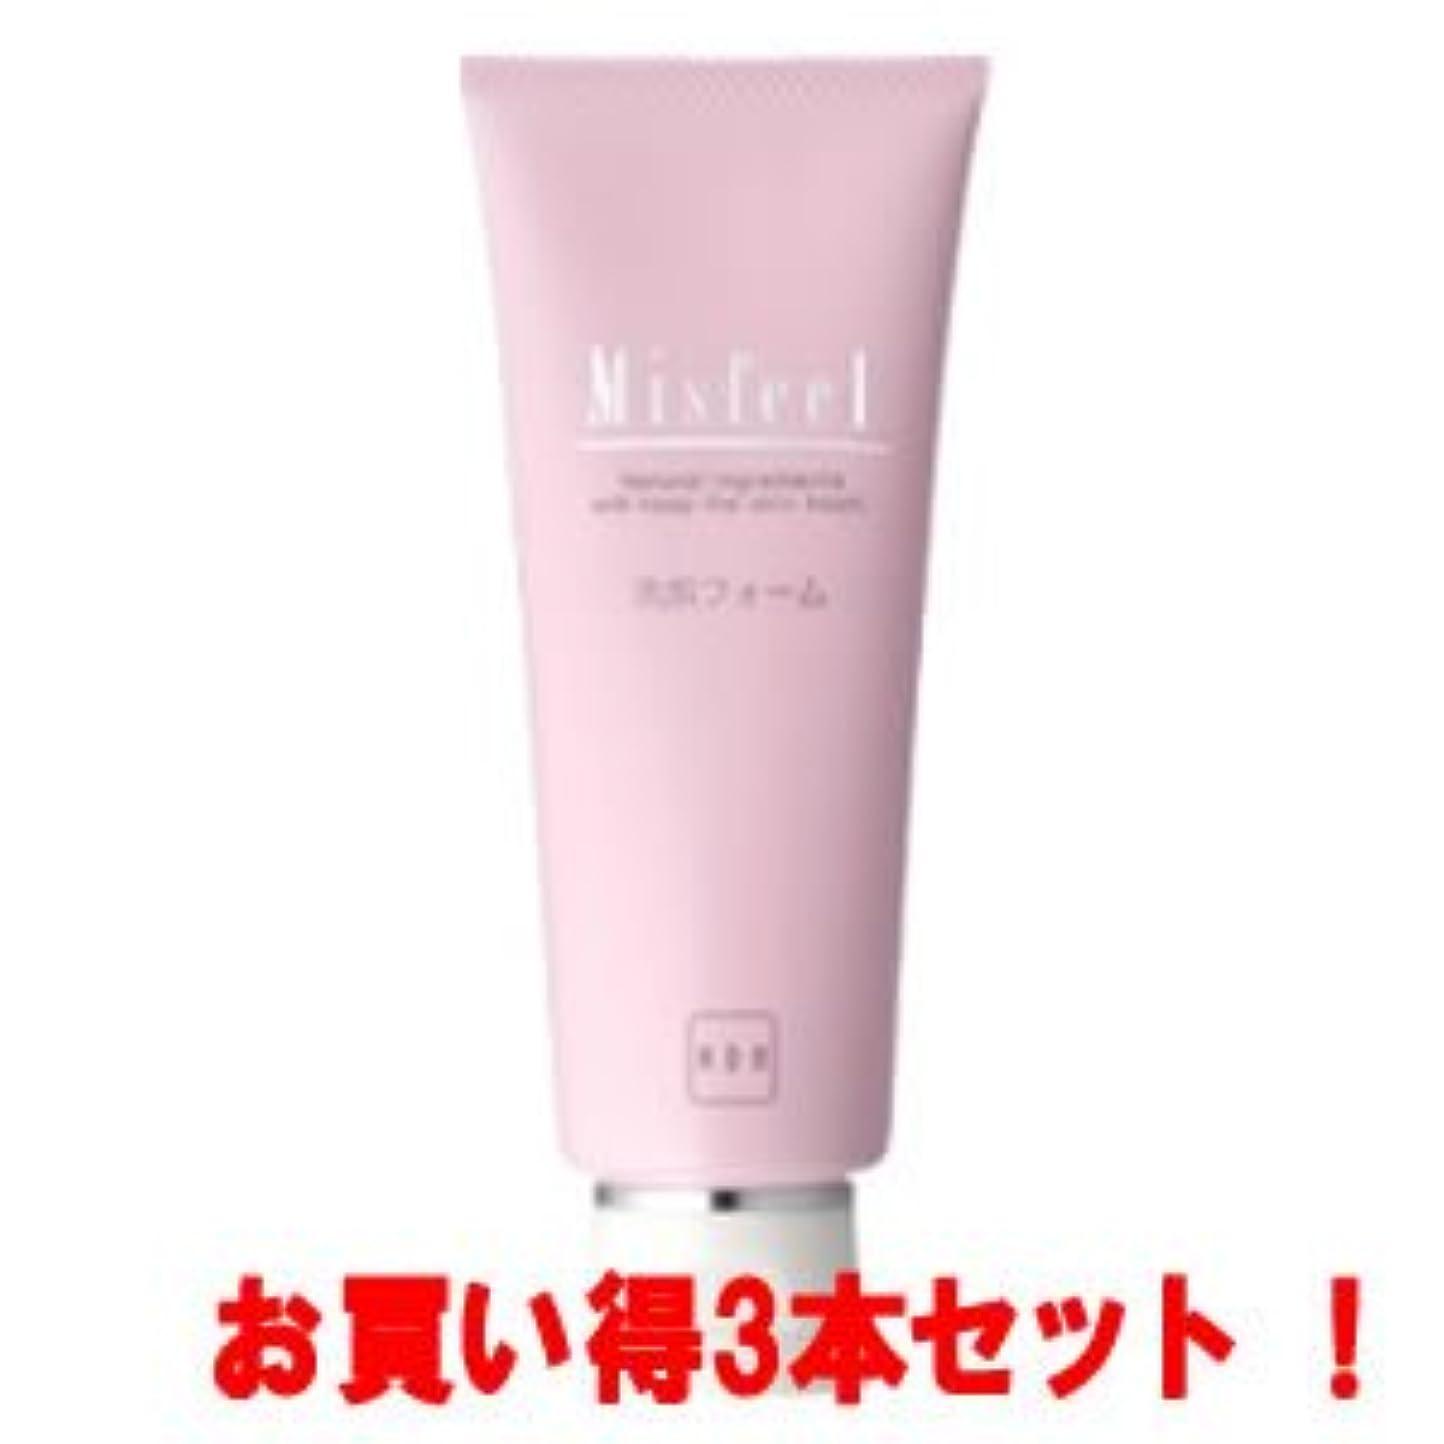 安定ピッチャー砂(アサバ化粧品)ミズフィール 洗顔フォーム100g(お買い得3本セット)